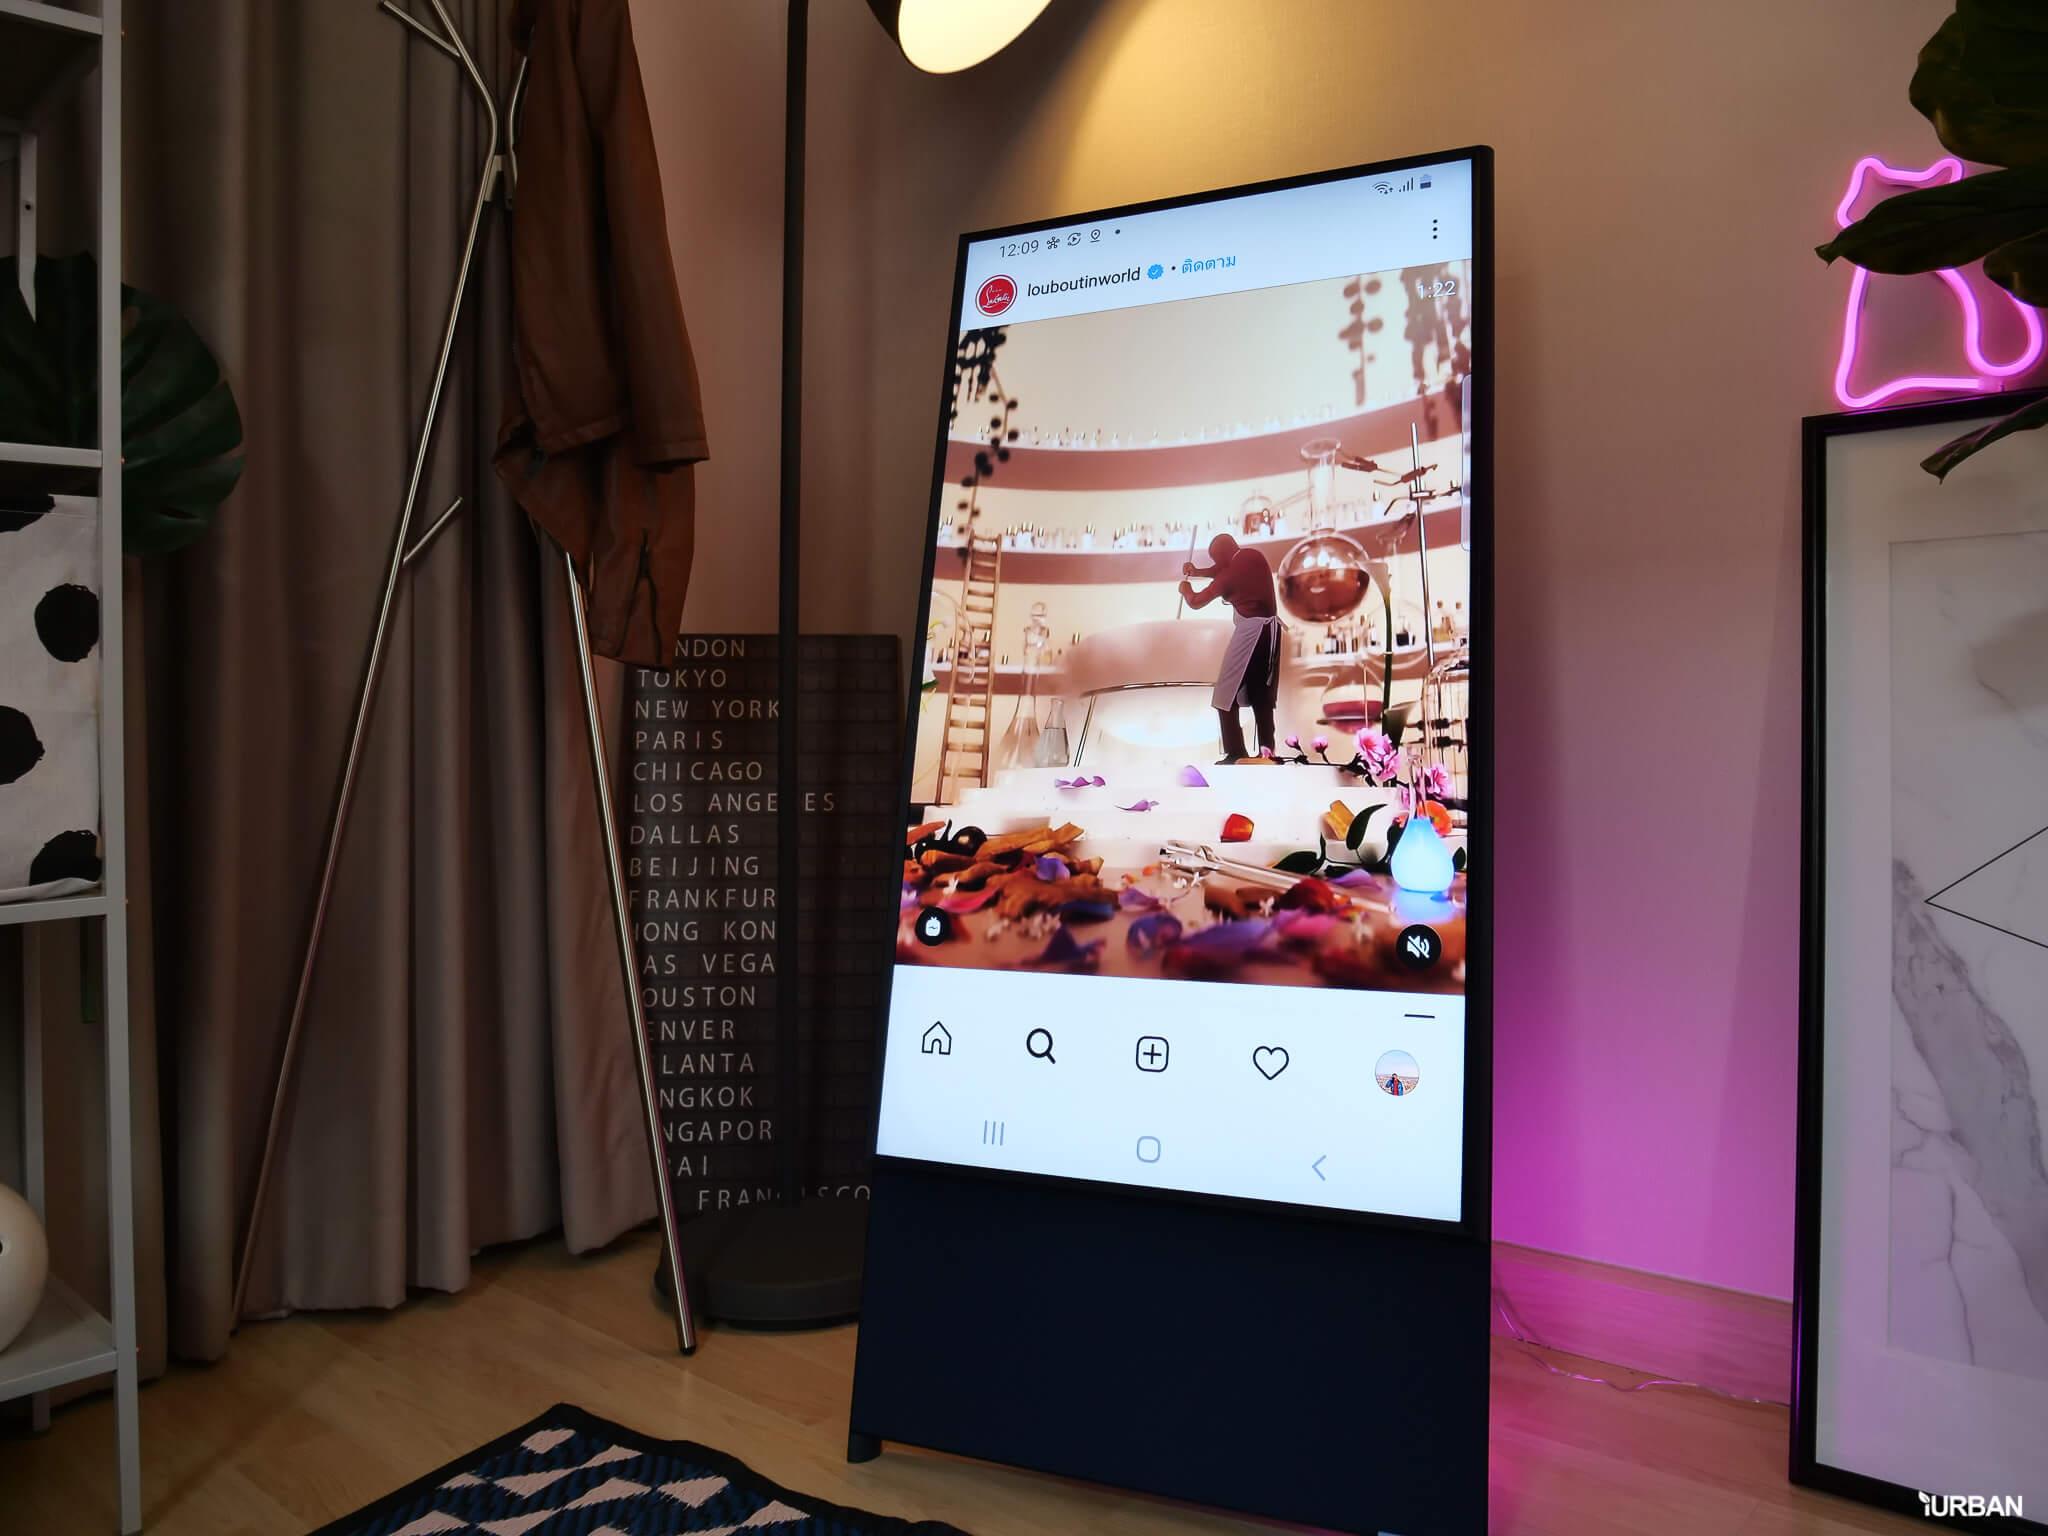 รีวิว 3 ทีวีที่สวยที่สุดเจนเนอเรชั่นนี้ The Frame The Serif และ The Sero 89 - decor